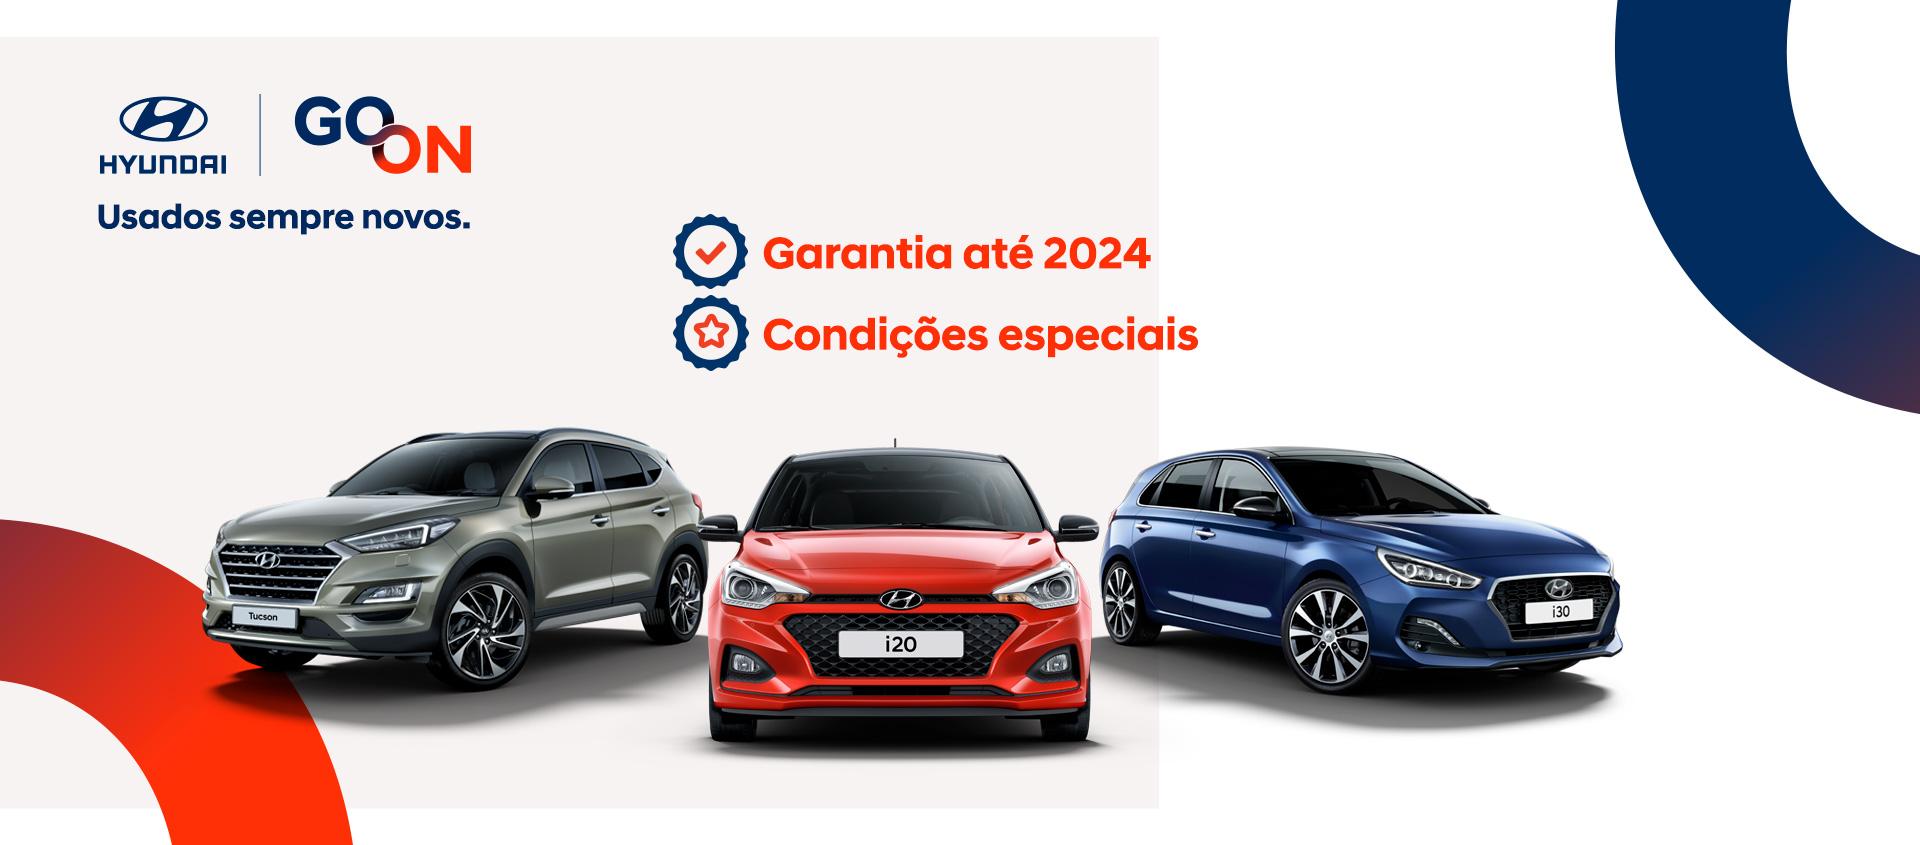 /viaturas/campanha/evento-go-on